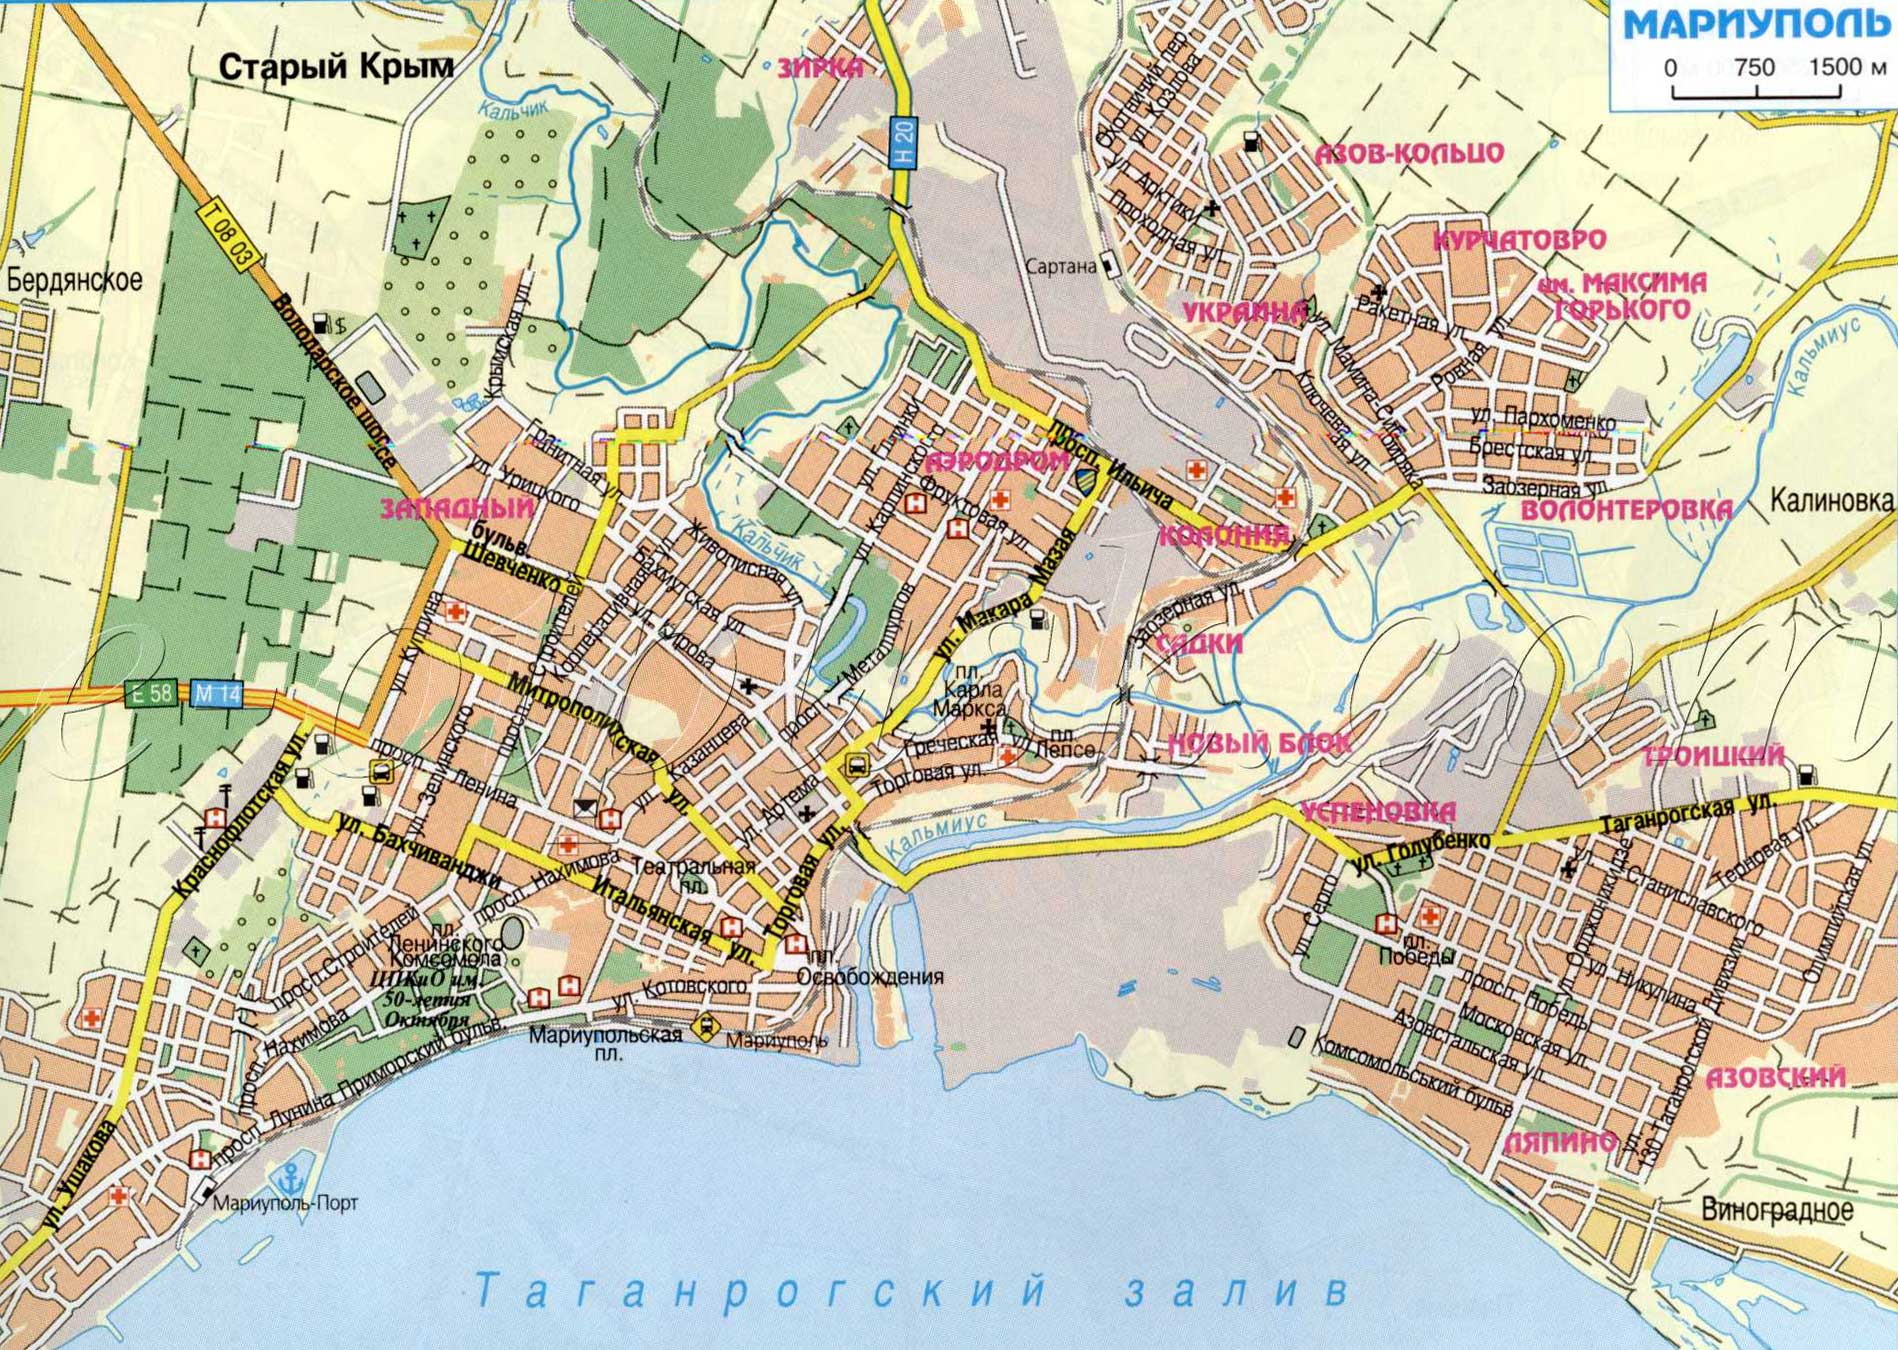 Карта Мариуполя 1